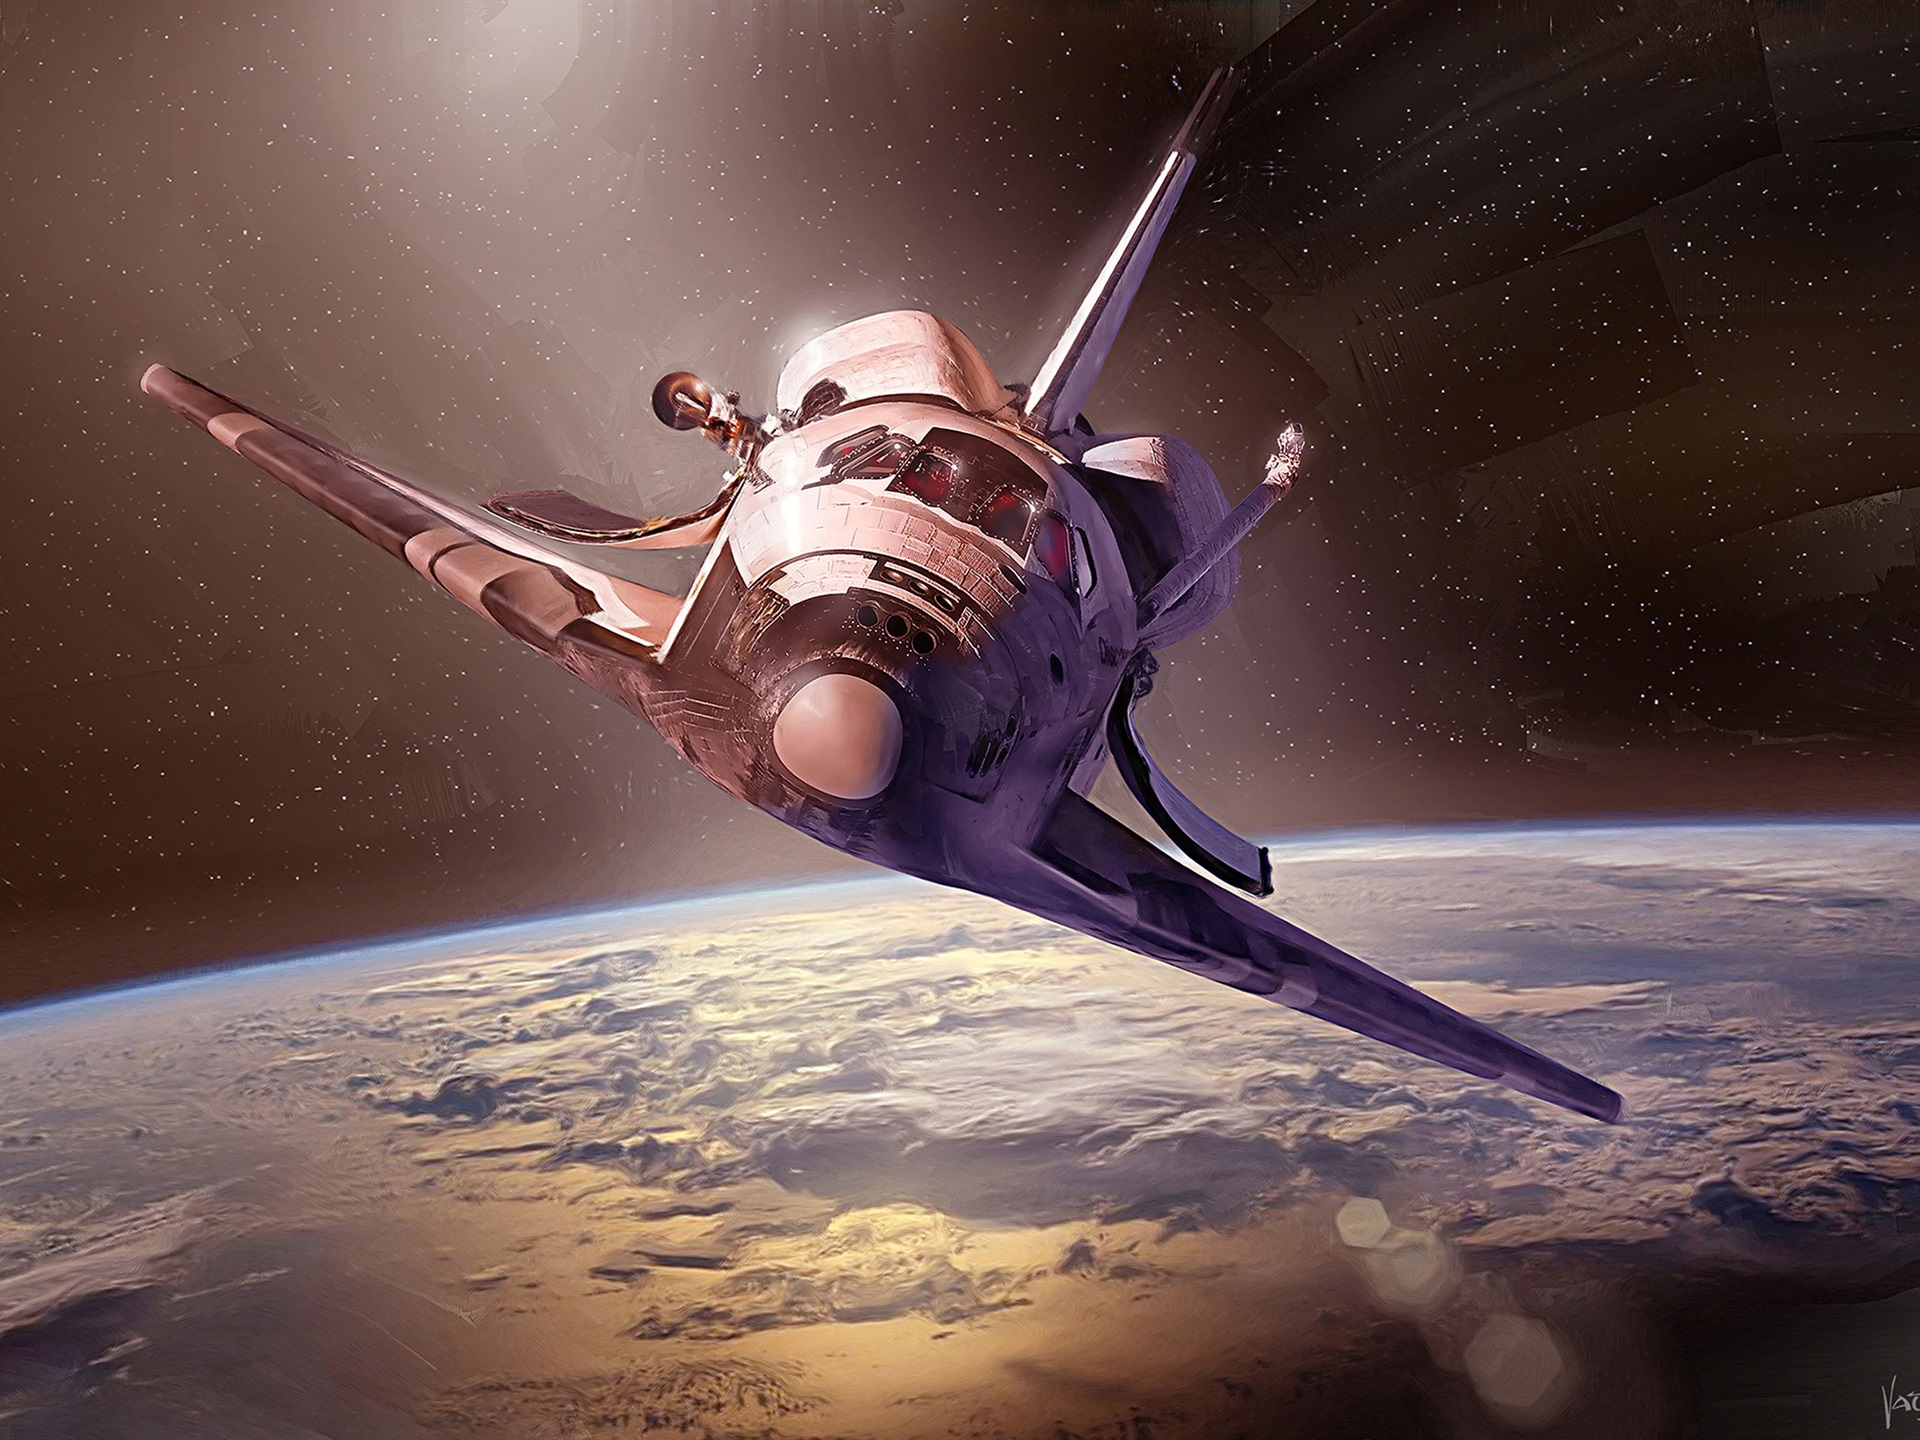 картинки космического карабля является одним